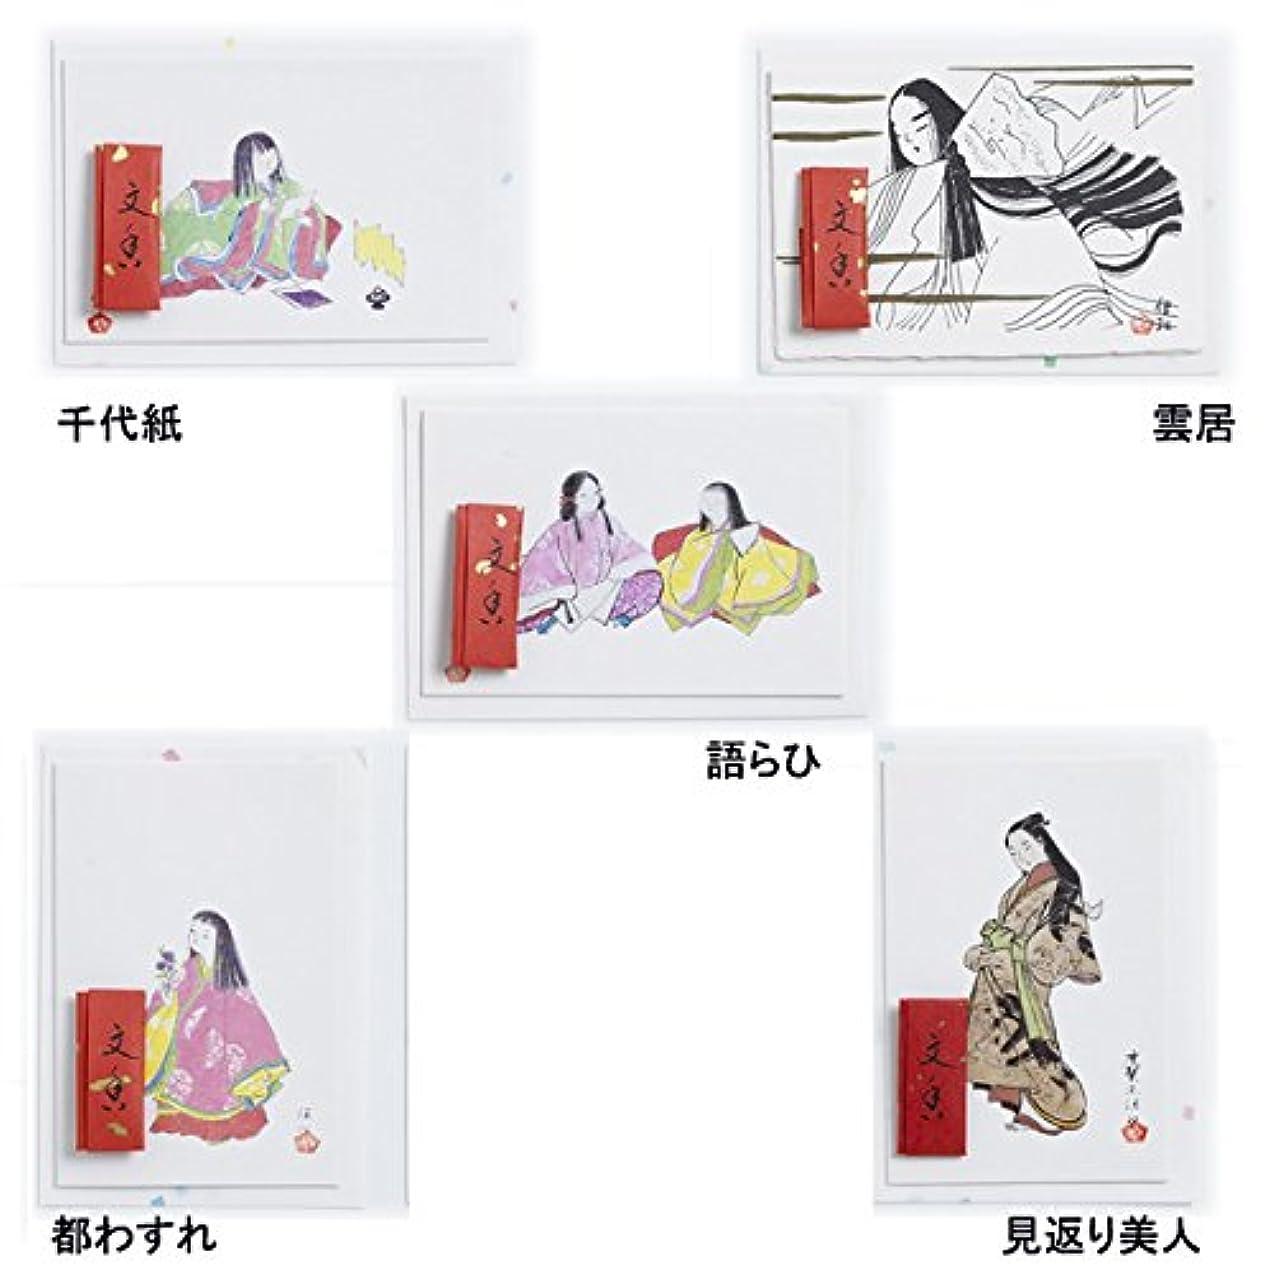 拍車手錠外交カード(文香入) (雲居)